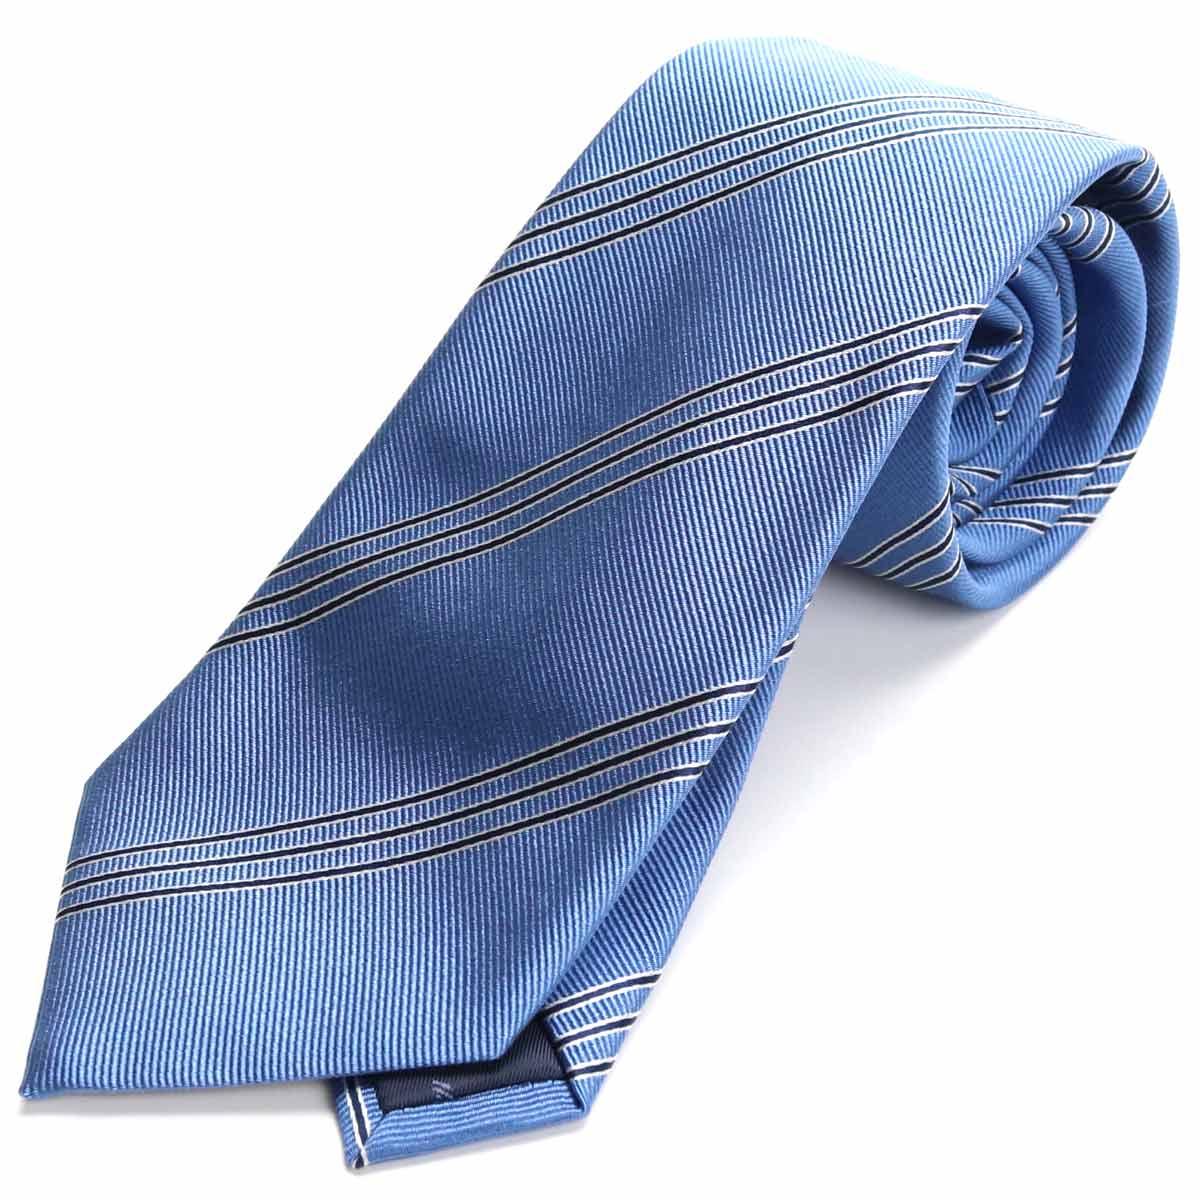 ※ 送料無料 商品追加値下げ在庫復活 ラッピング無料 エンポリオ アルマーニ EMPORIO ARMANI ネクタイ 340182 gsm-5 LIGTH 0P310 00631 お歳暮 ブルー系 メンズ men's BLUE